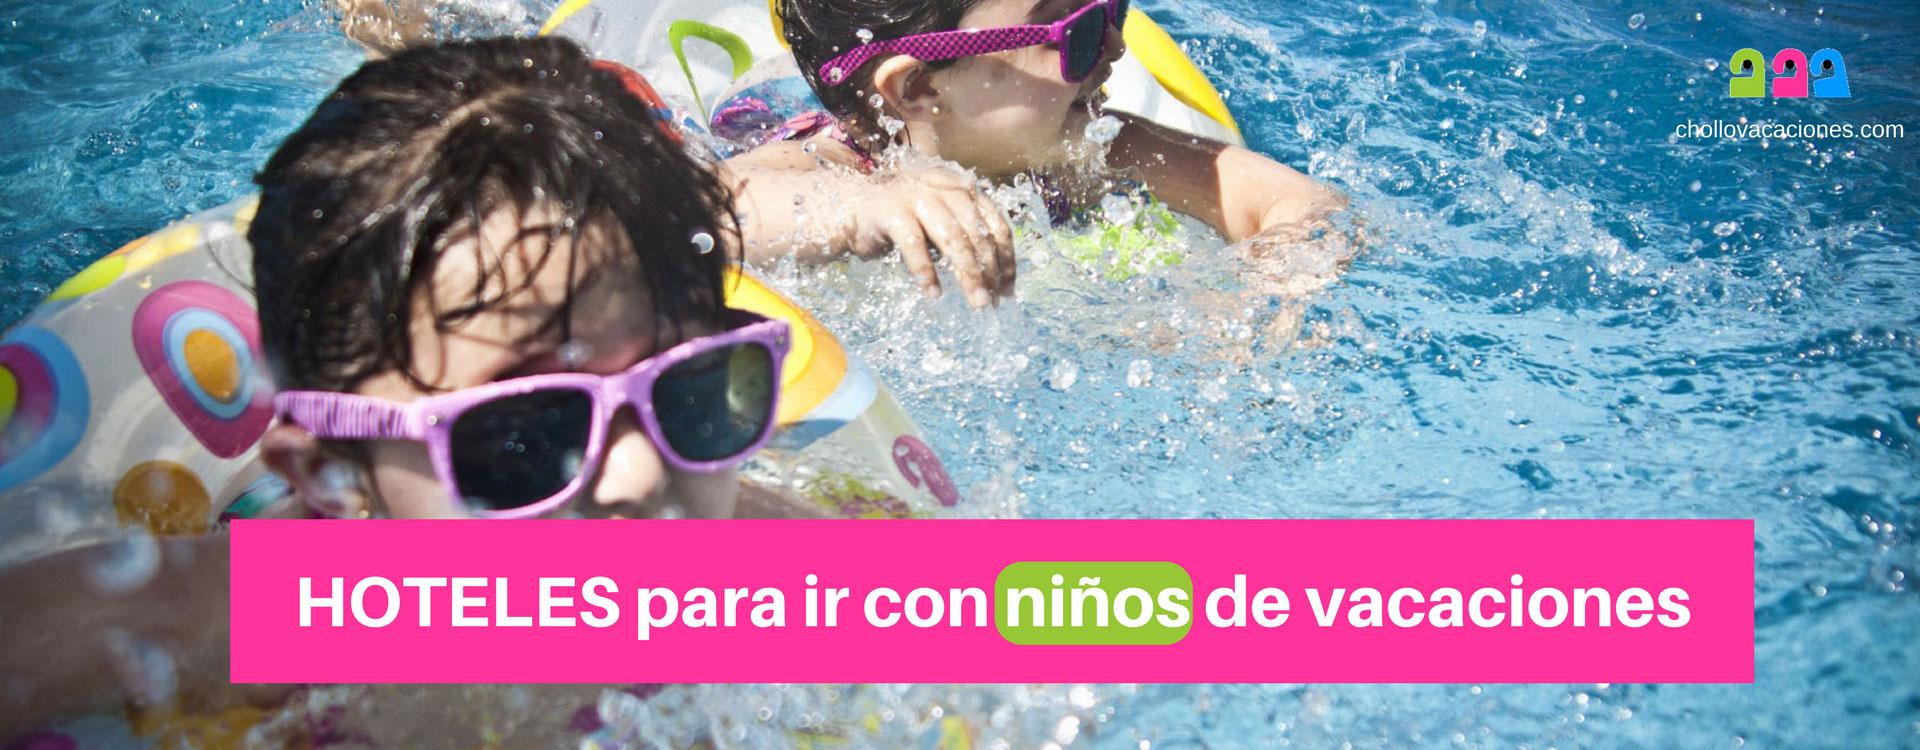 Hoteles para niños: selección de hoteles para ir con niños de vacaciones.